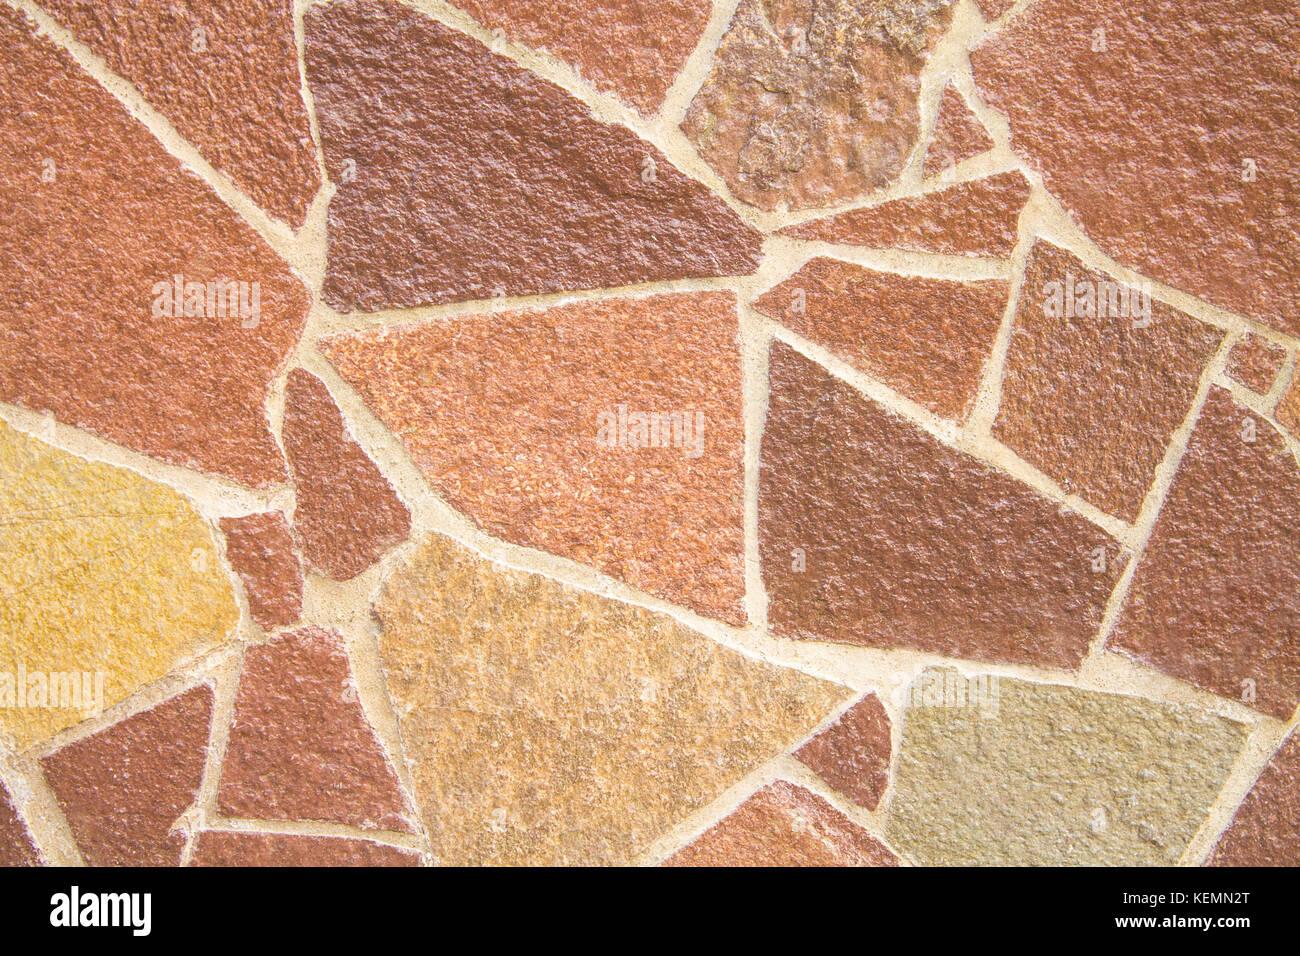 Ein Muster Von Braun Dekorative Fliesen In Verschiedenen Farben Fur